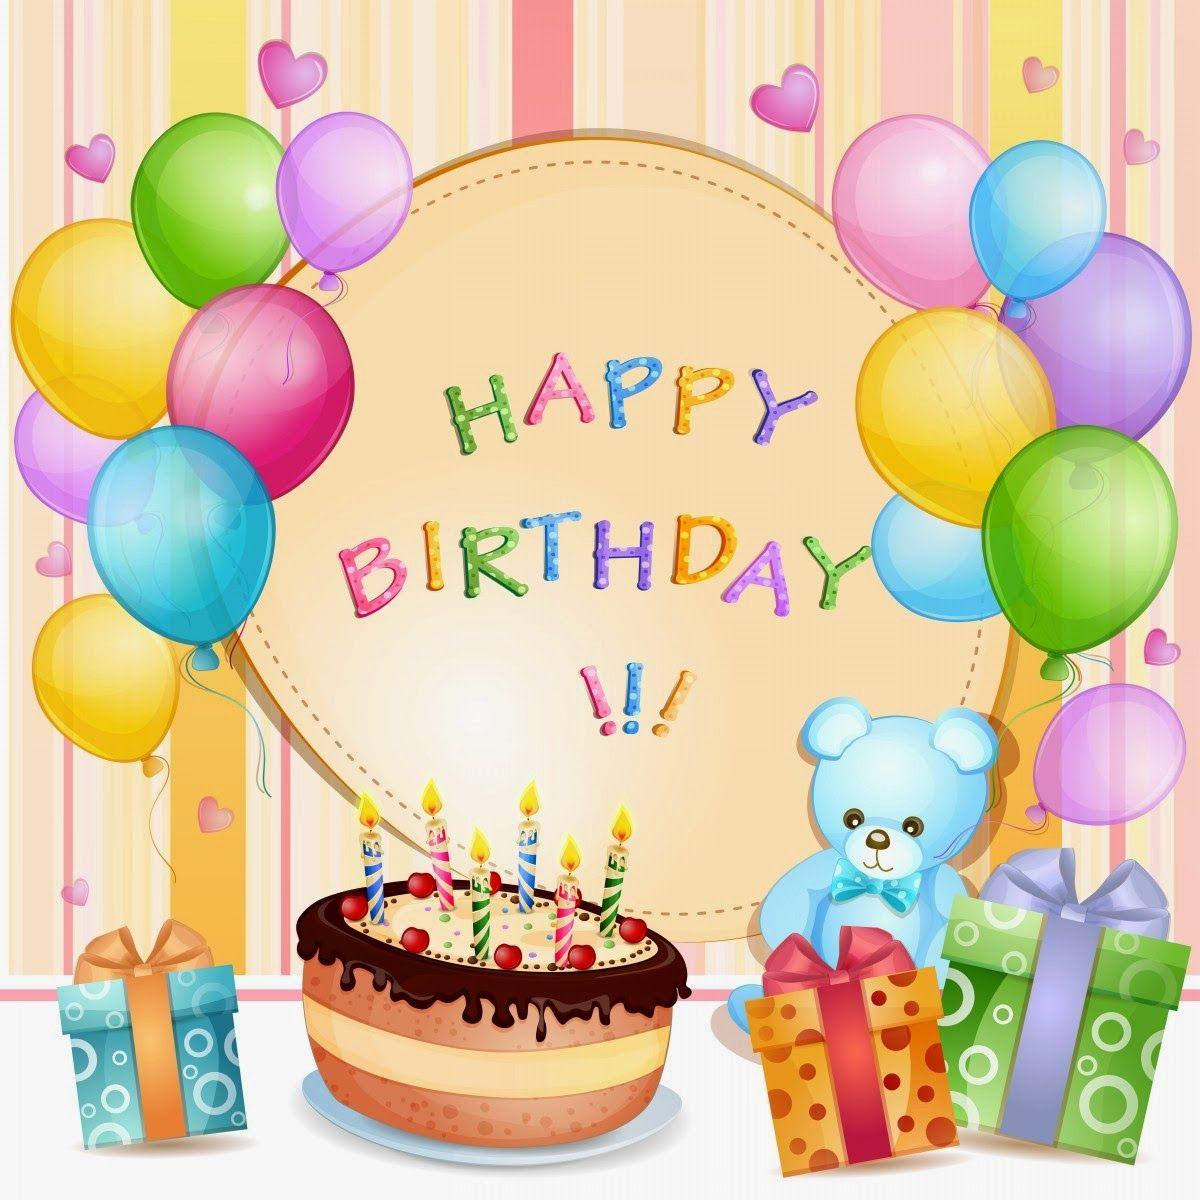 Открытки днем, детские поздравления и картинки с днем рождения